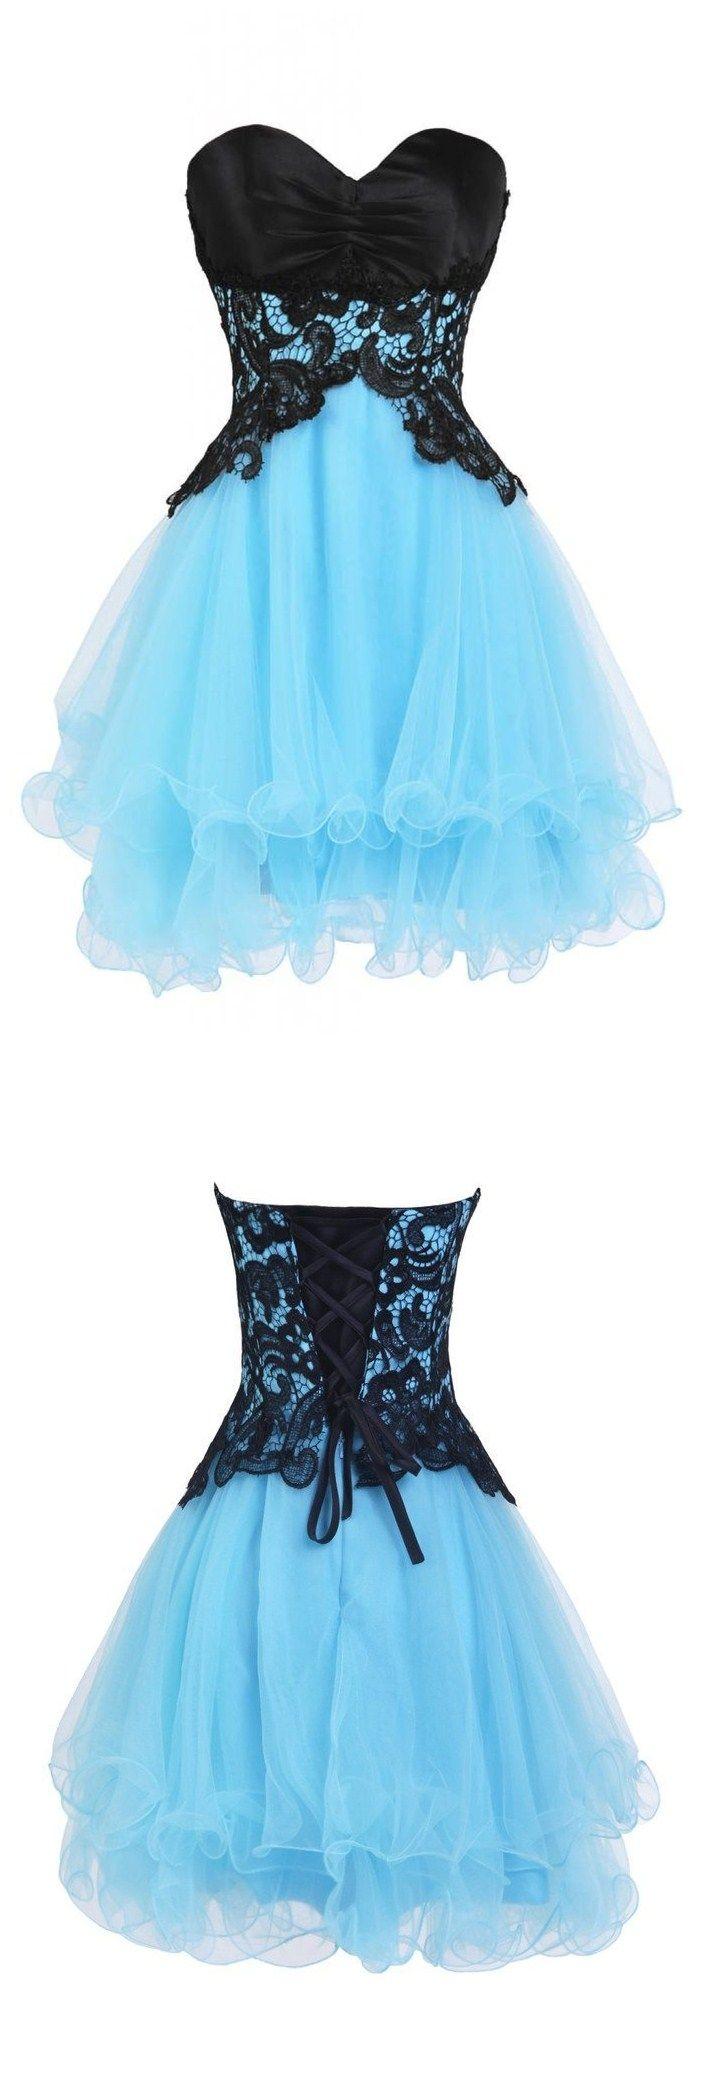 homecoming dresses short,short homecoming dresses juniors,homecoming dresses…